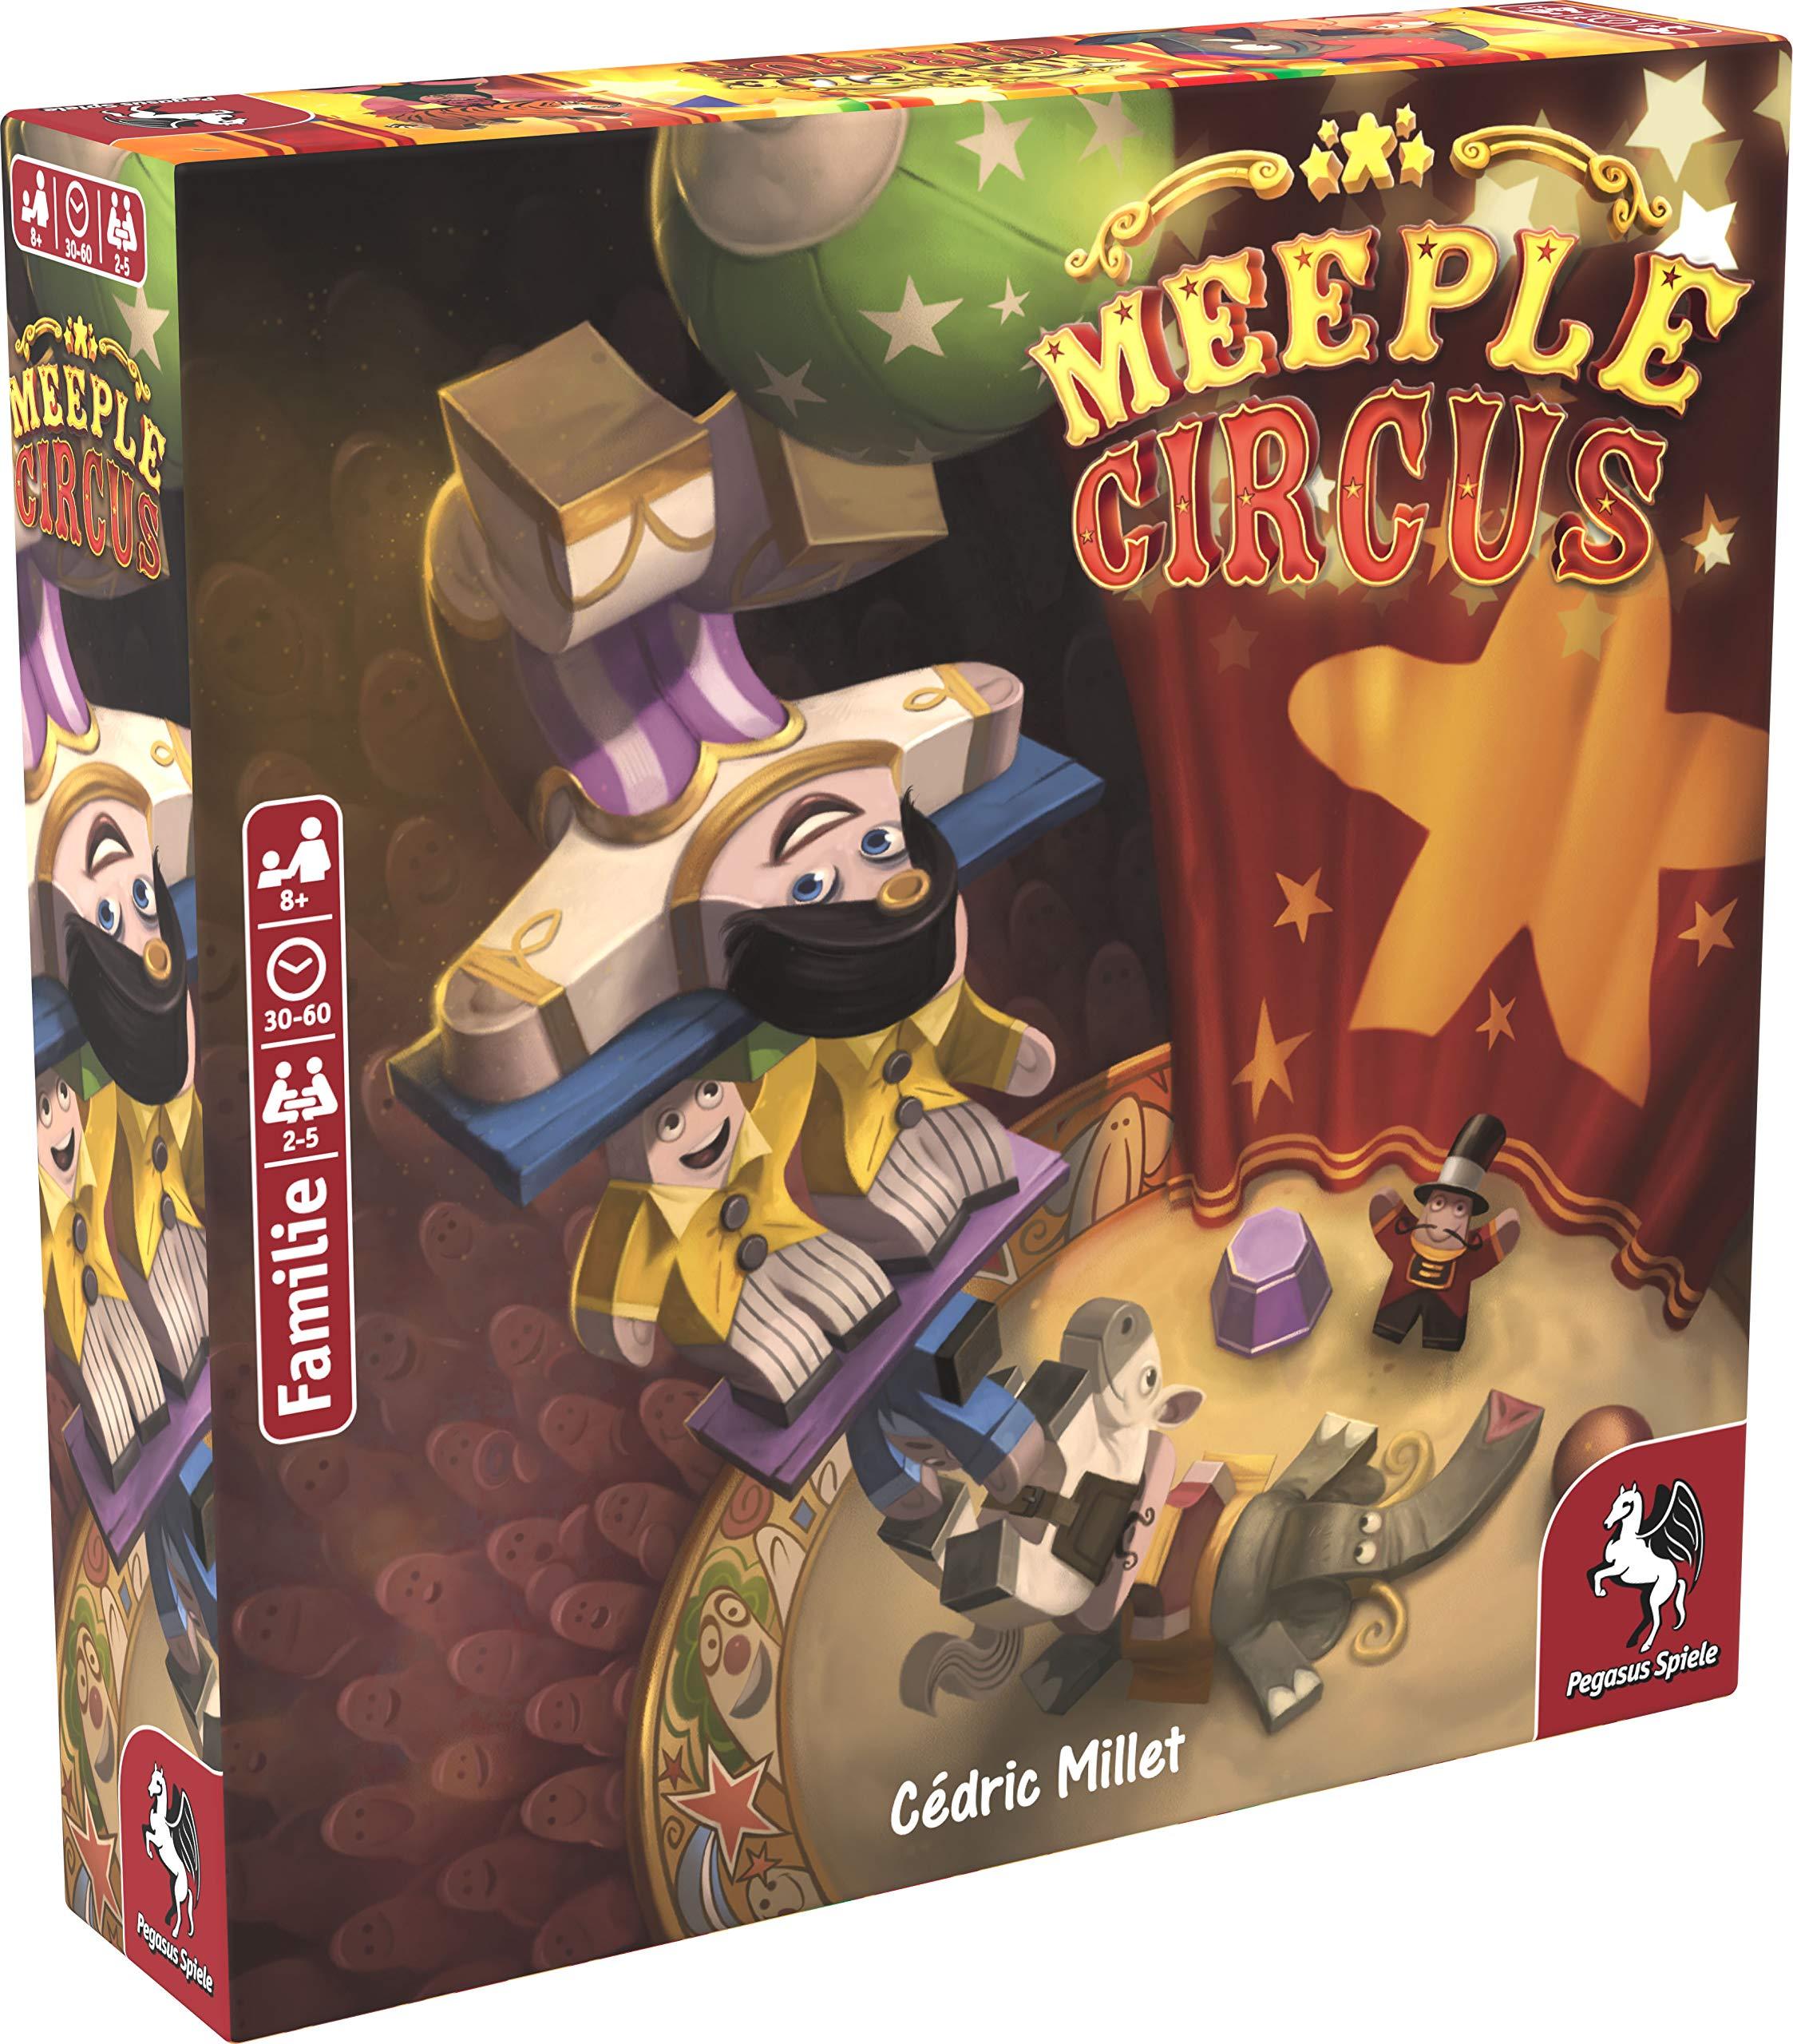 Pegasus Spiele Meeple Circus Party Board Game Niños y Adultos - Juego de Tablero (Party Board Game, Niños y Adultos, 30 min, 60 min, Niño/niña, 8 año(s)): Amazon.es: Juguetes y juegos